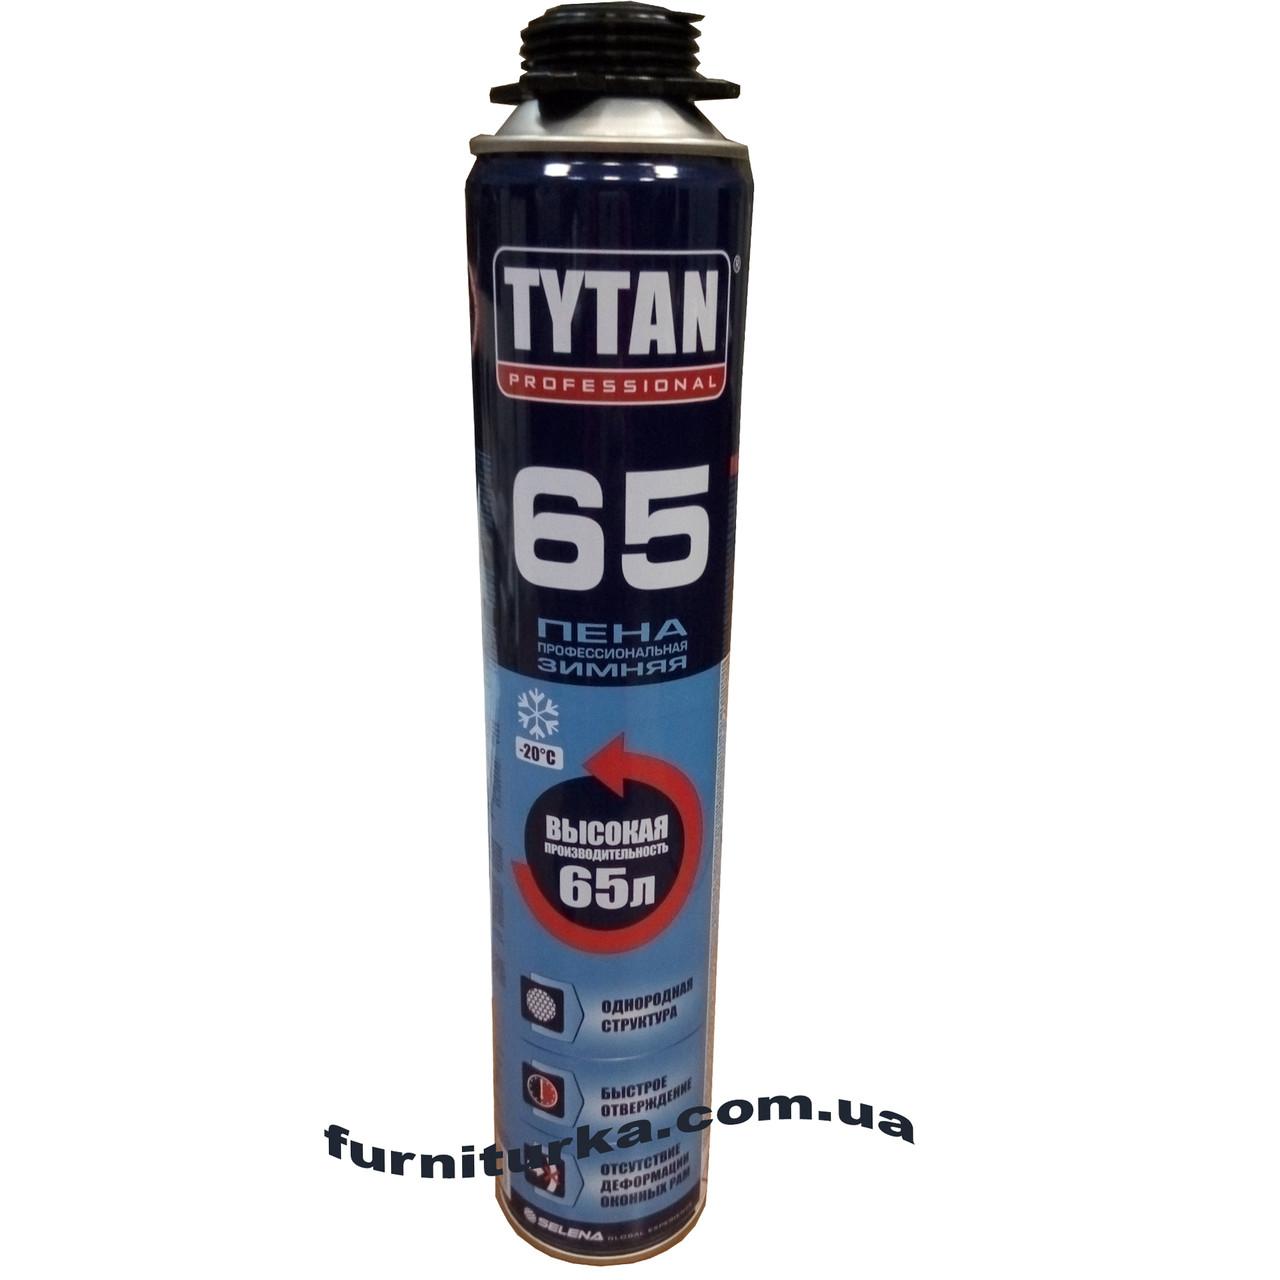 Пена профессиональная зимняя TYTAN до -20- +30 градусов (65 литров)